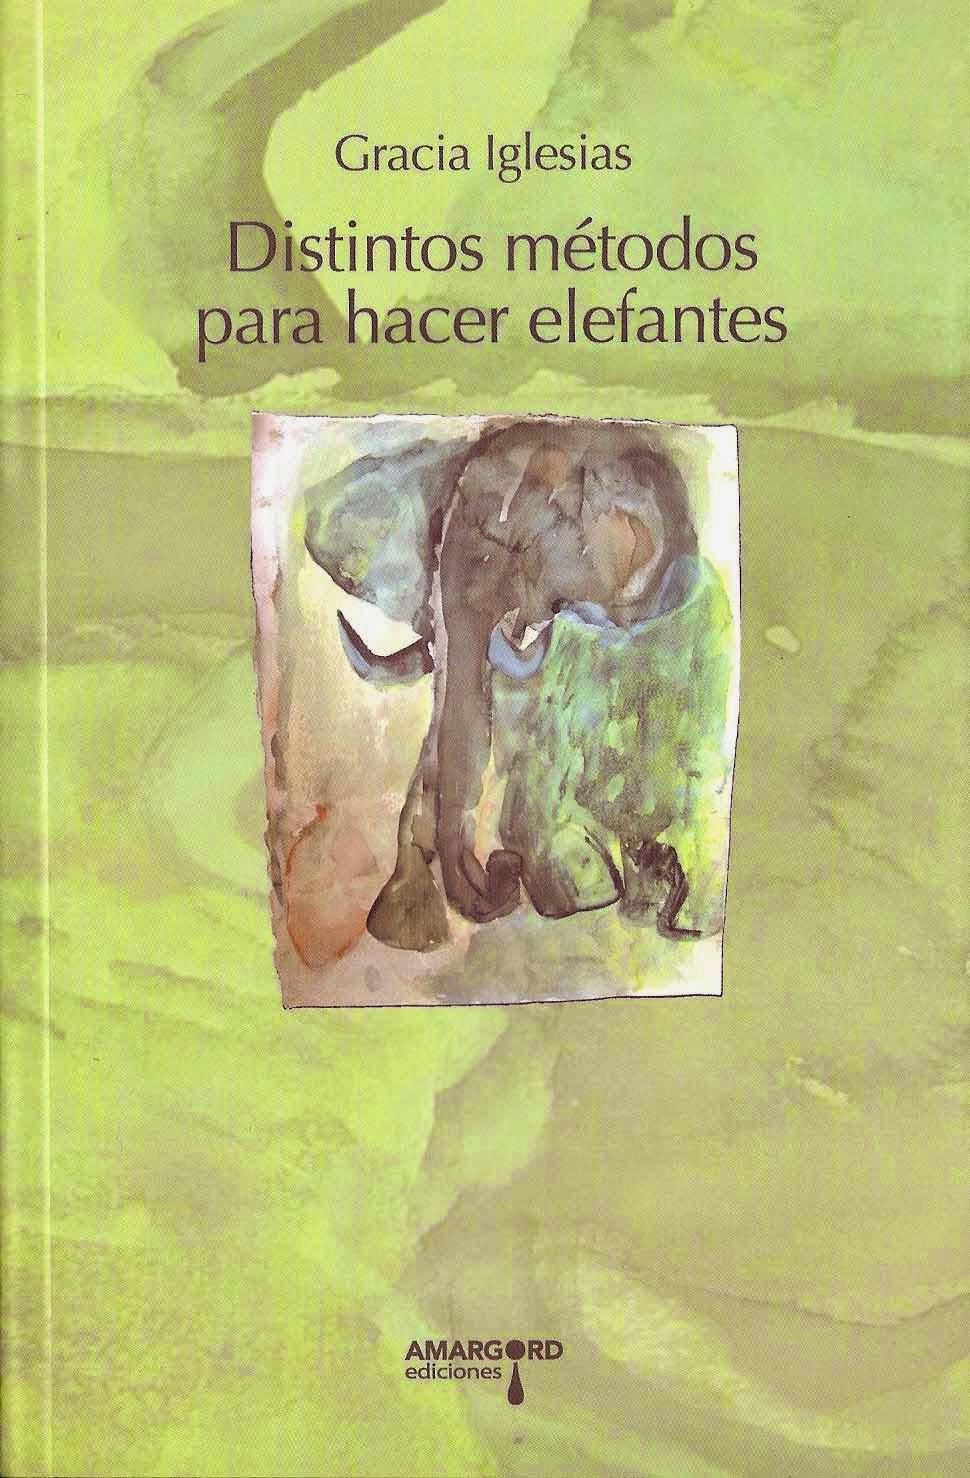 Distintos métodos para hacer elefantes